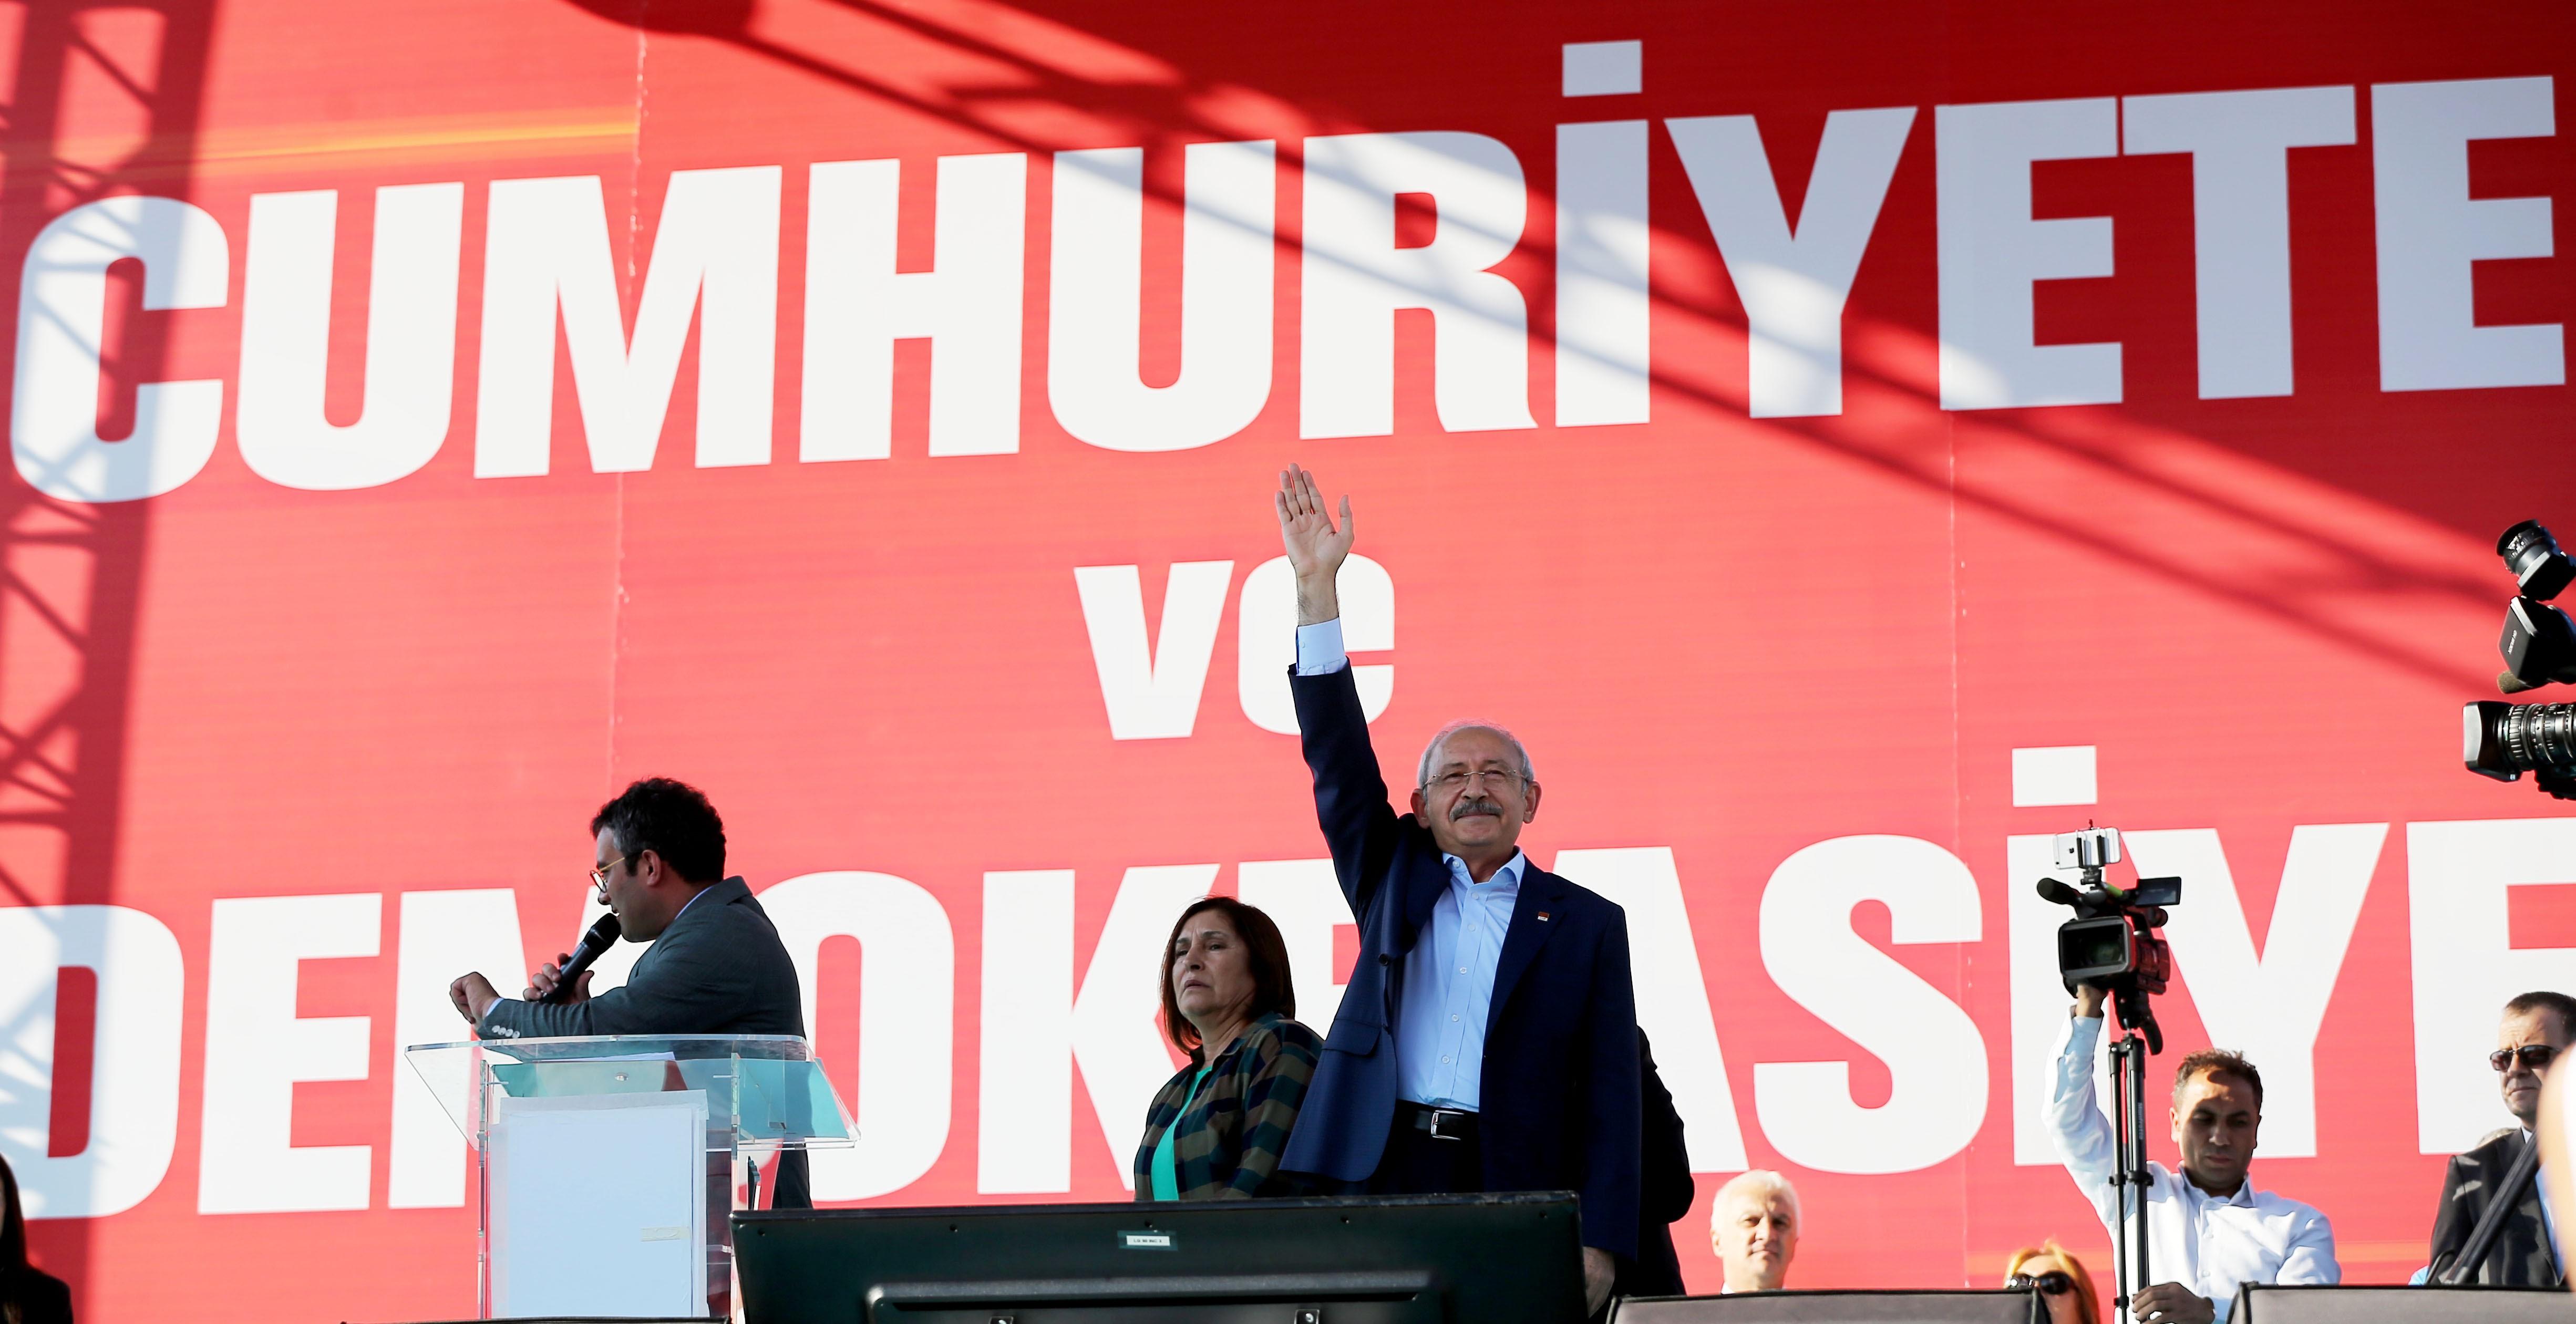 """Egy török ellenzéki vezető szerint Erdoganék előre tudtak a puccskísérletről, így az """"ellenőrzött"""" keretek között zajlott le"""